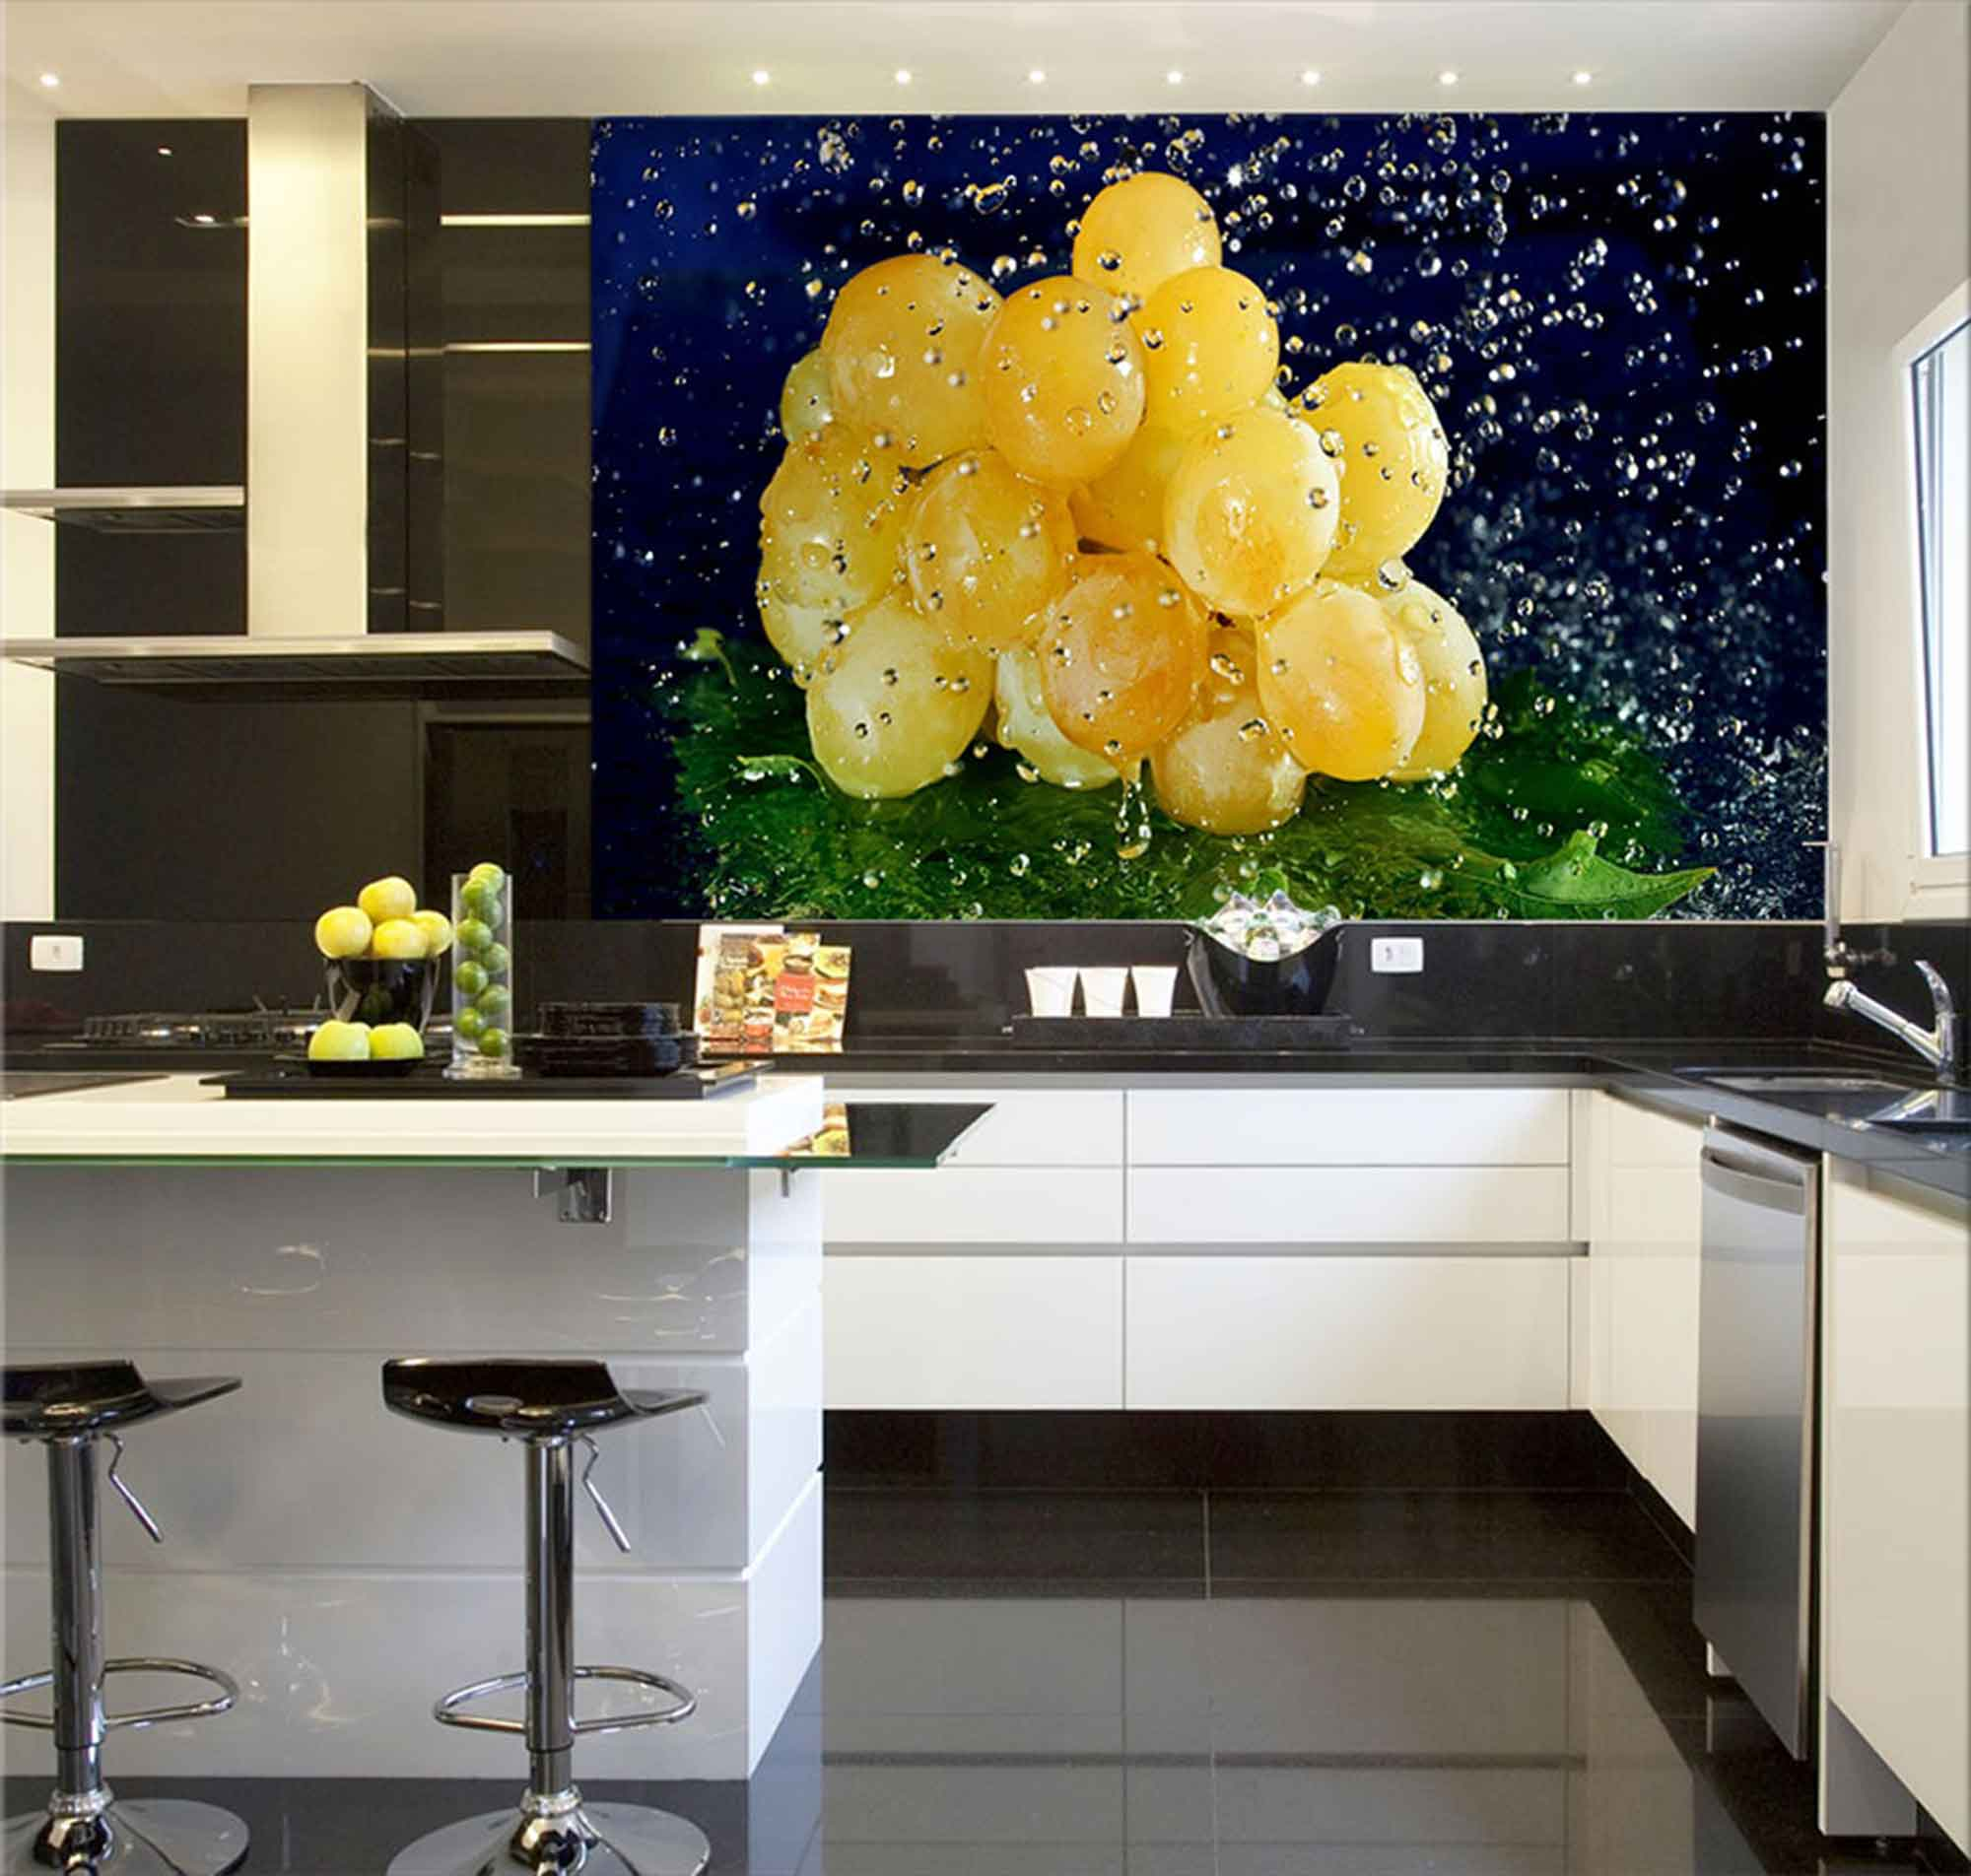 Papel De Parede Para Cozinha 0026 - Sobmedida: m²   - Paredes Decoradas